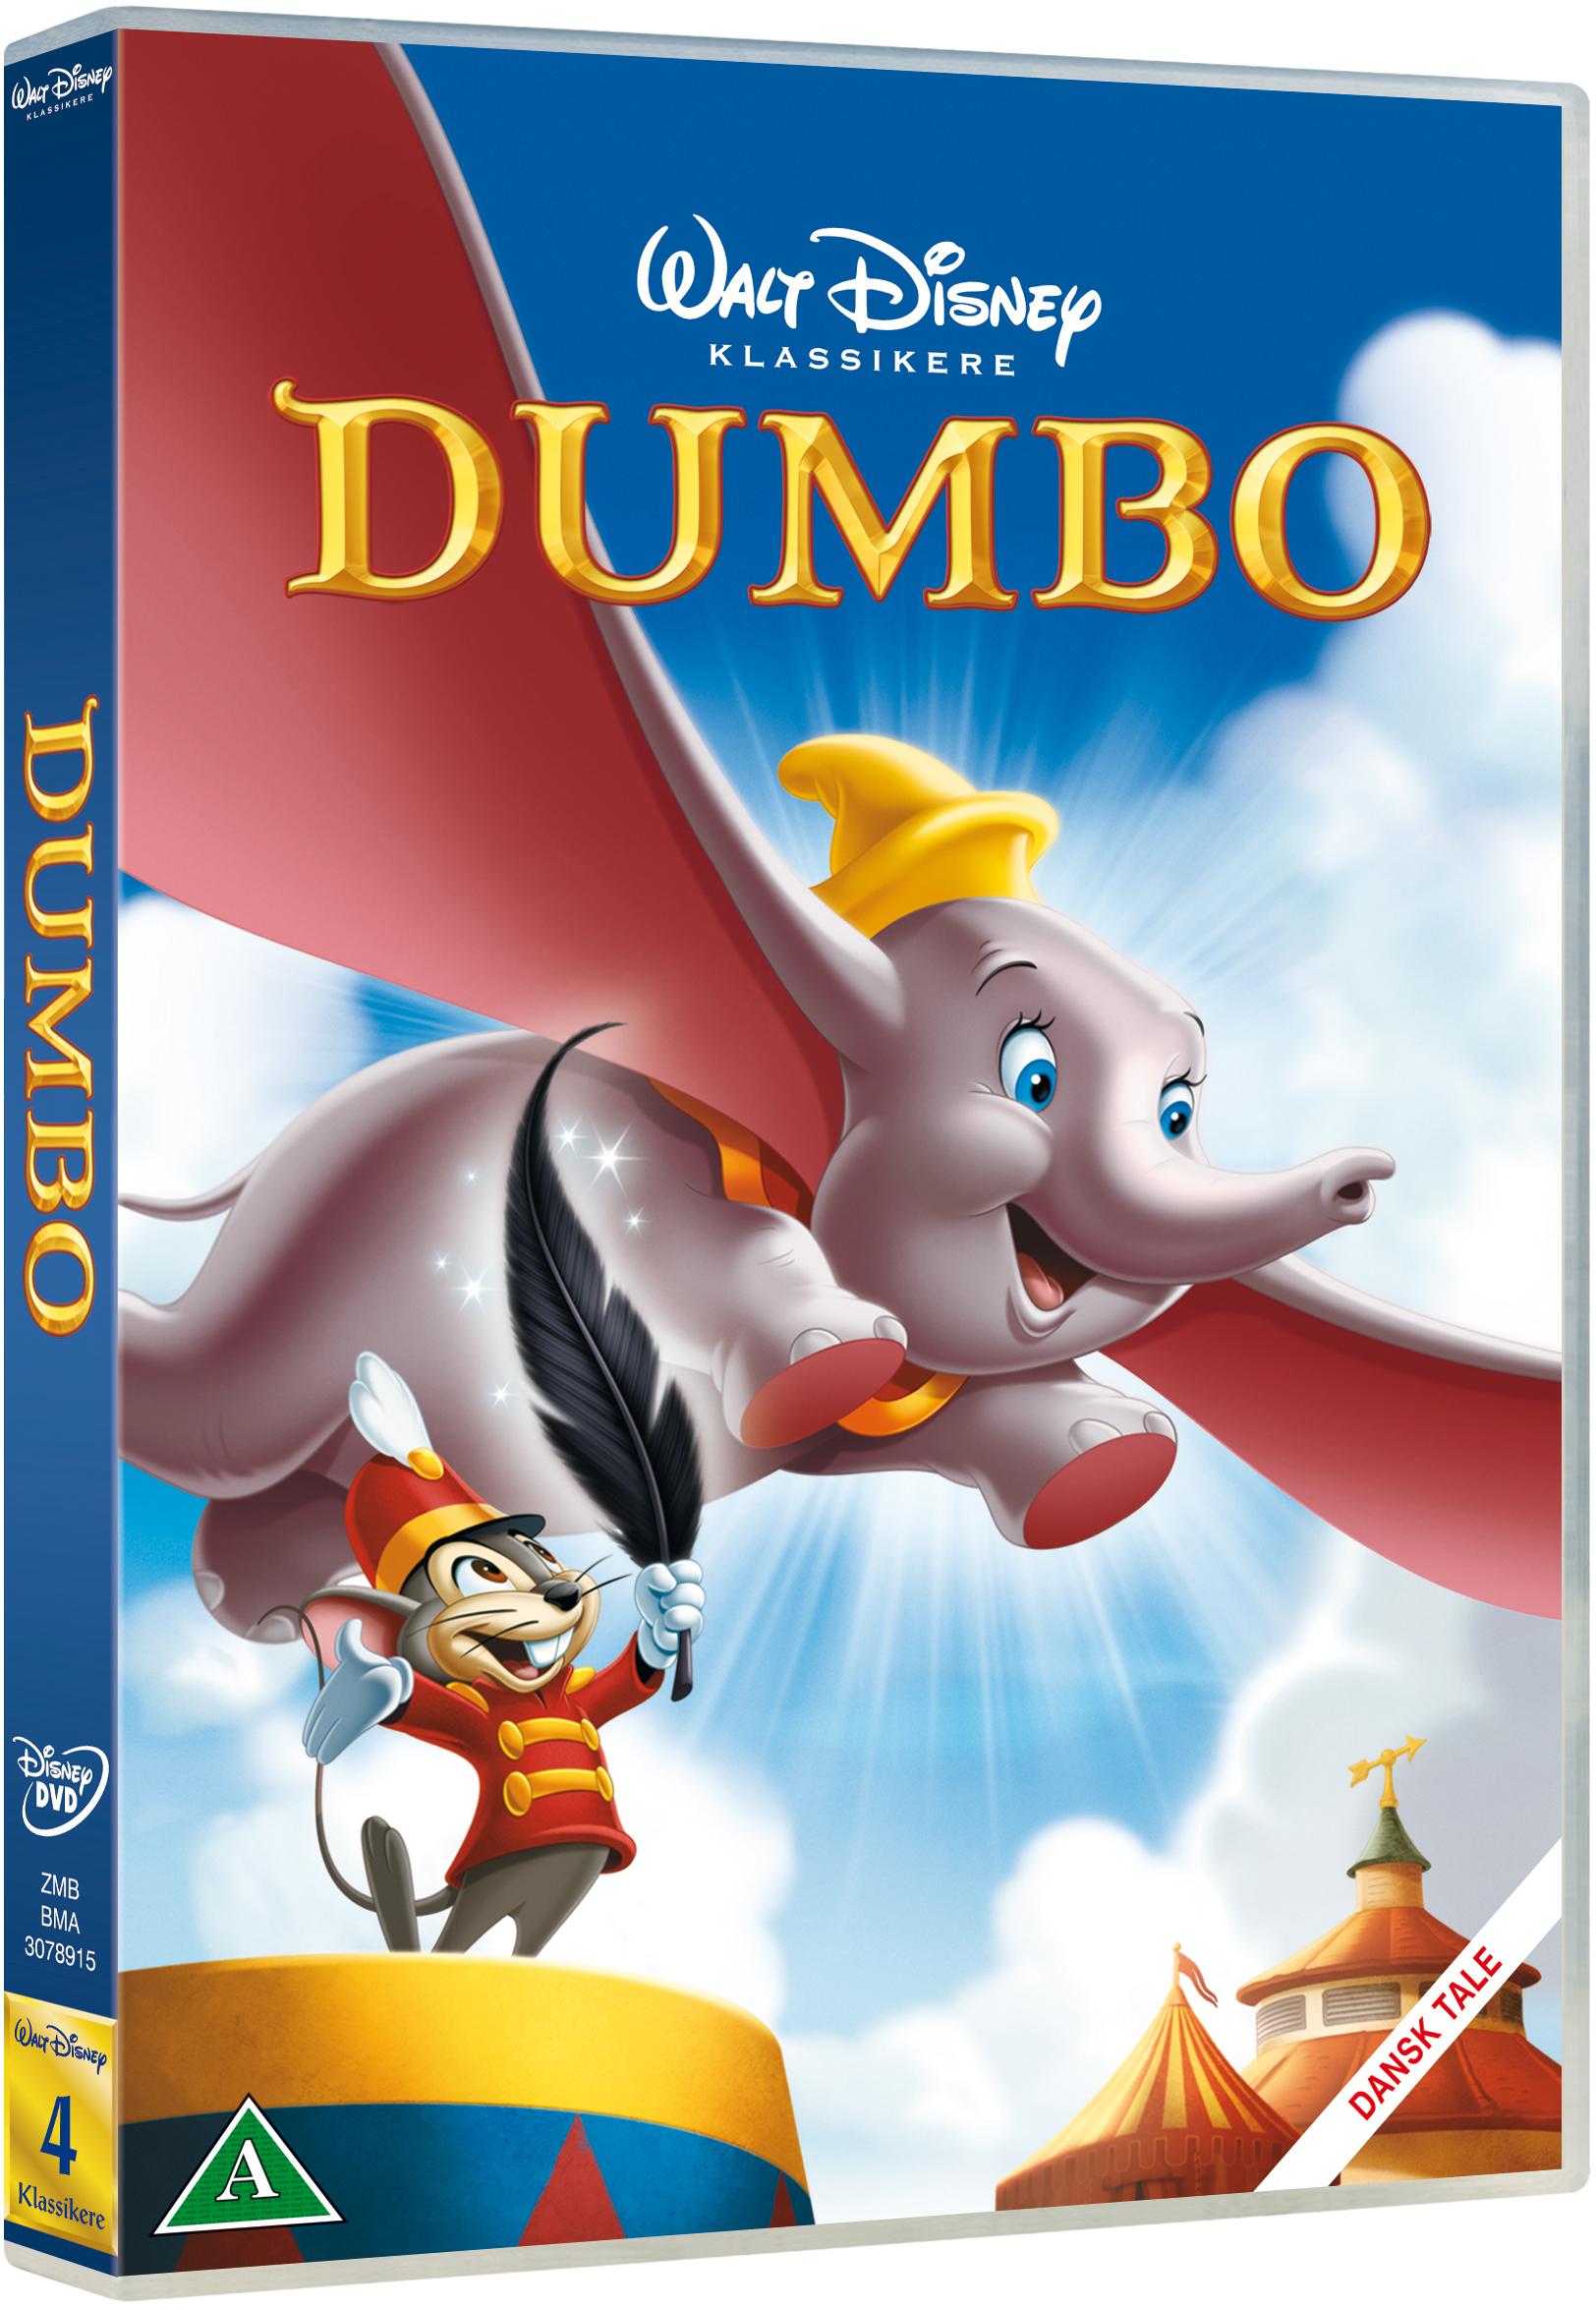 Dumbo Disney classic #4